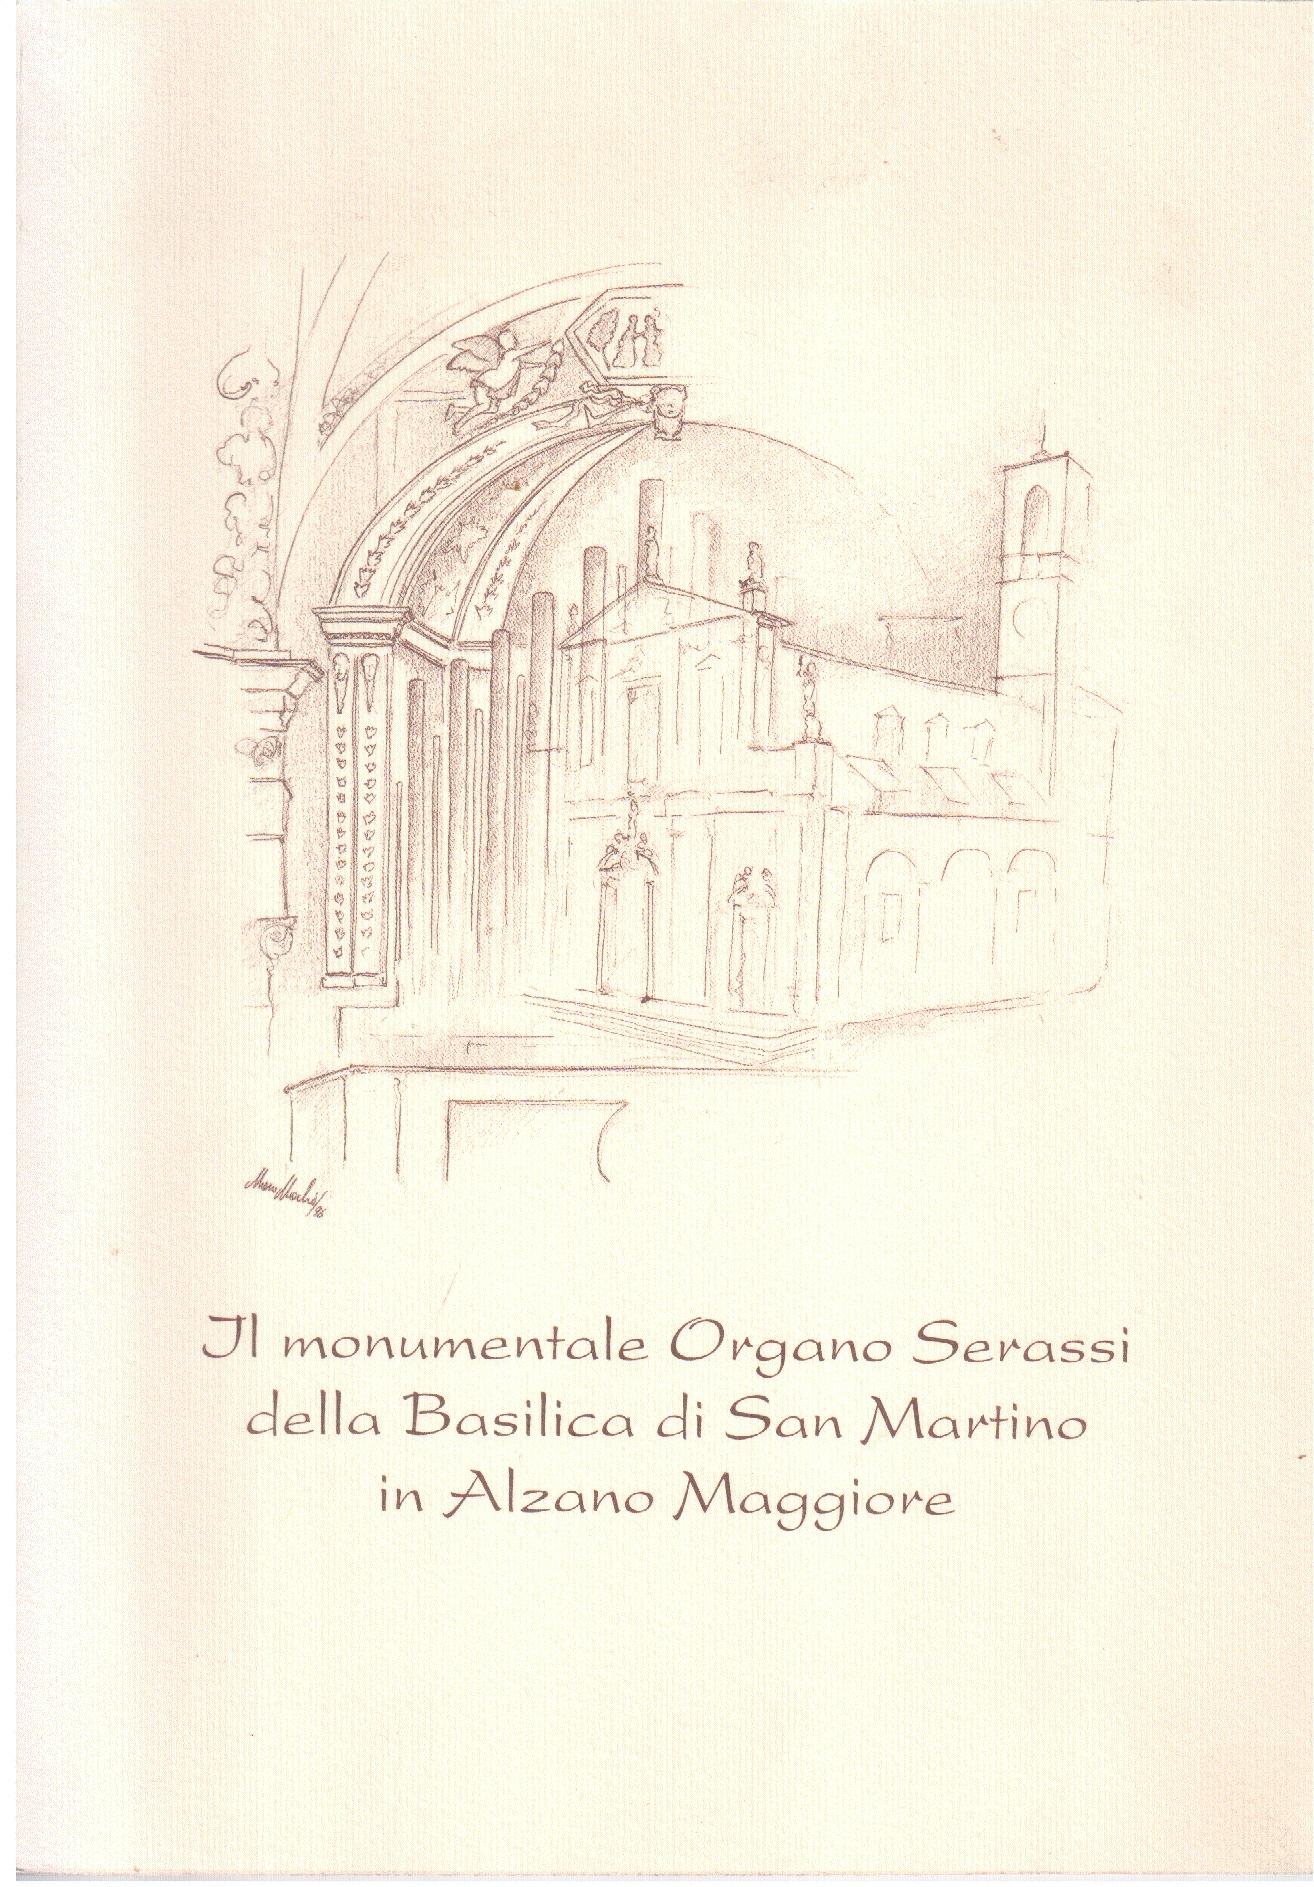 Il monumentale Organo Serassi della Basilica di San Martino in Alzano Maggiore